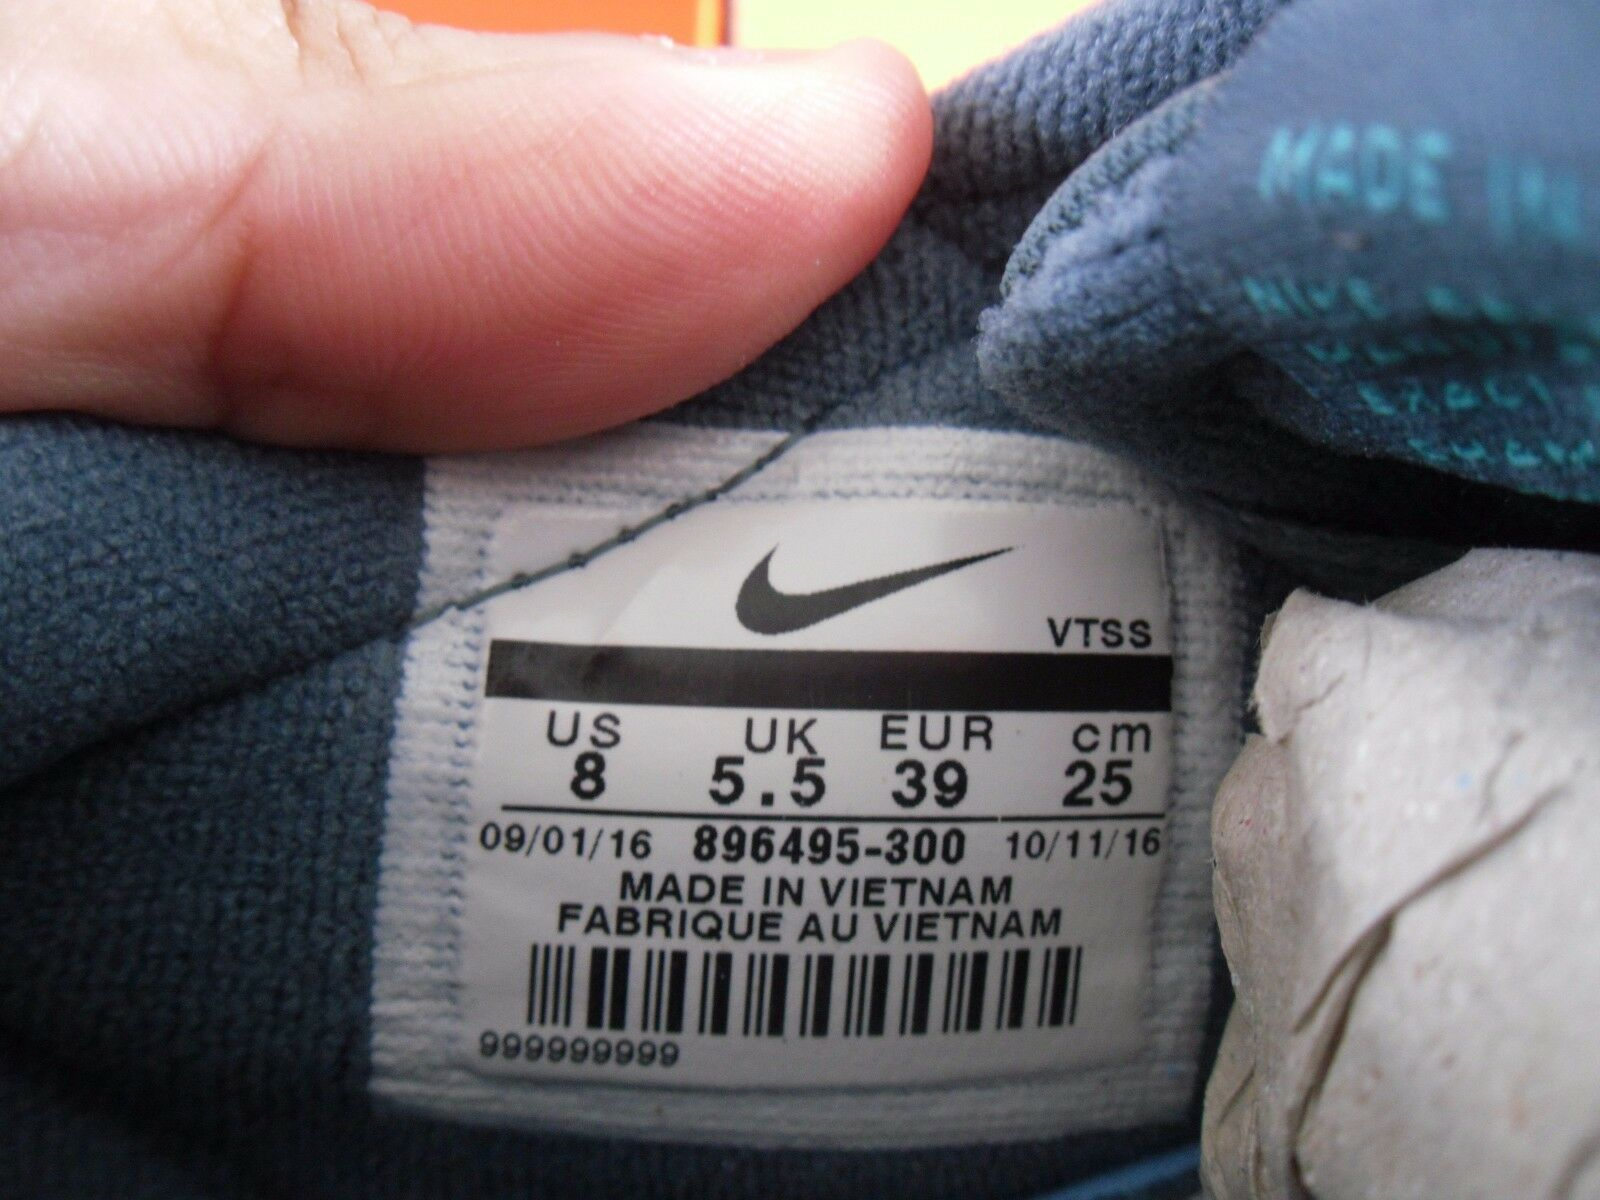 Wmns Wmns Wmns Nike Air Max cero LD-Zero 2009 2013 verde-verde Talla 8 32e4ec